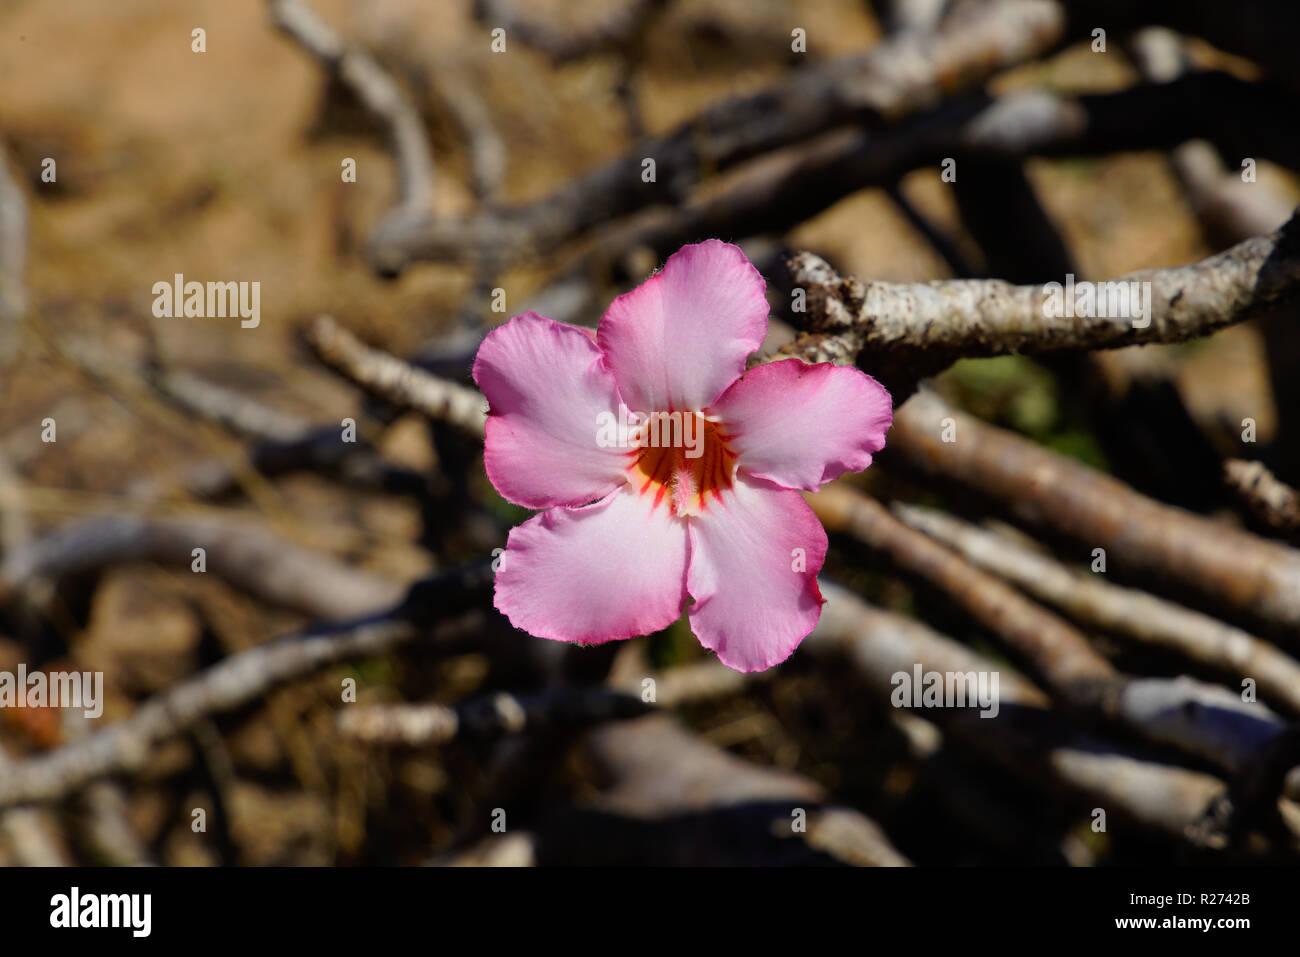 Arabian Desert Flowers Stock Photos & Arabian Desert Flowers Stock